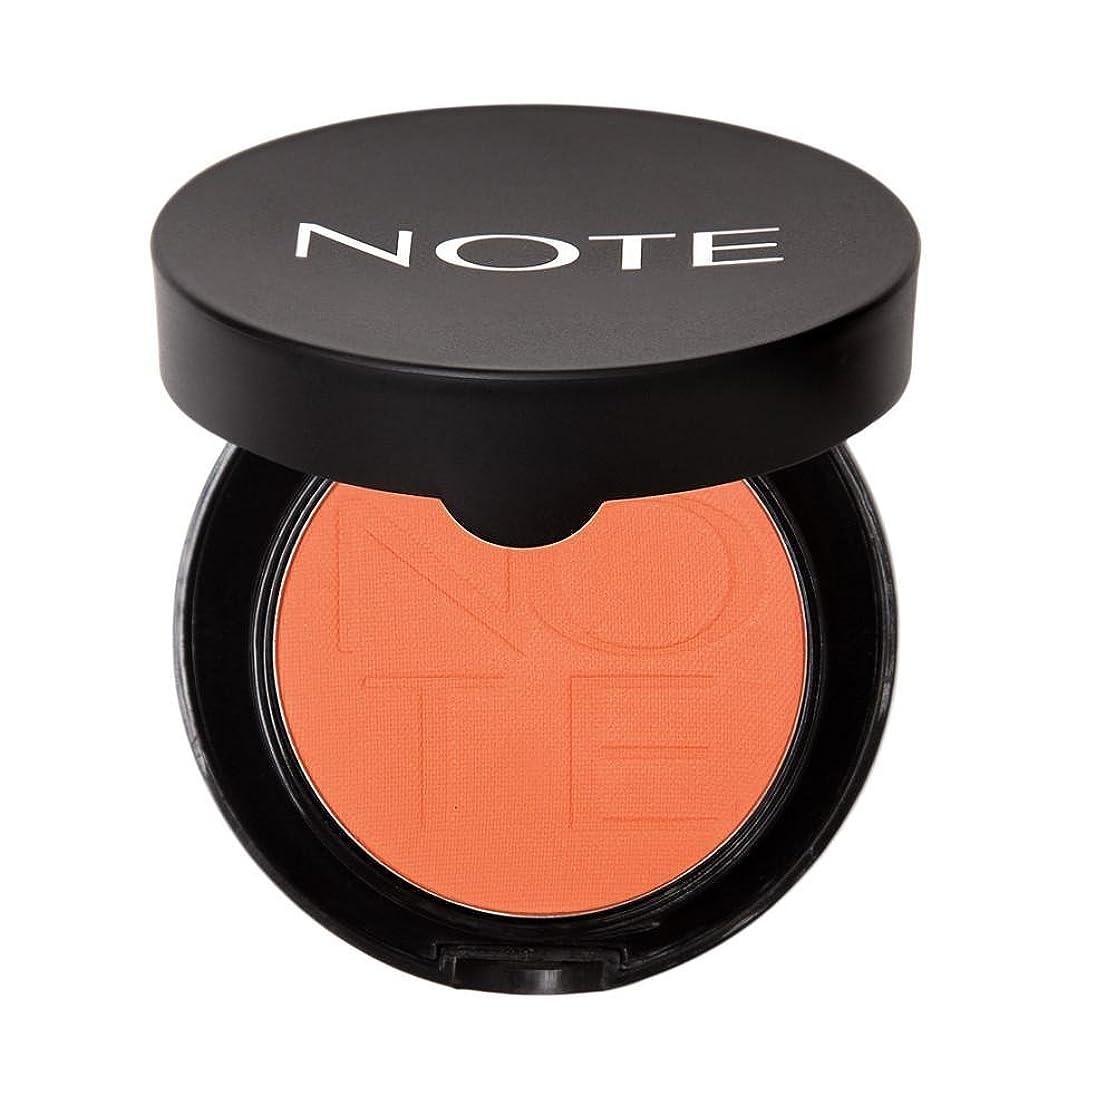 品種パンチ宿命NOTE Cosmetics ルミナスシルクコンパクトブラッシャー、1.18オンス 第03